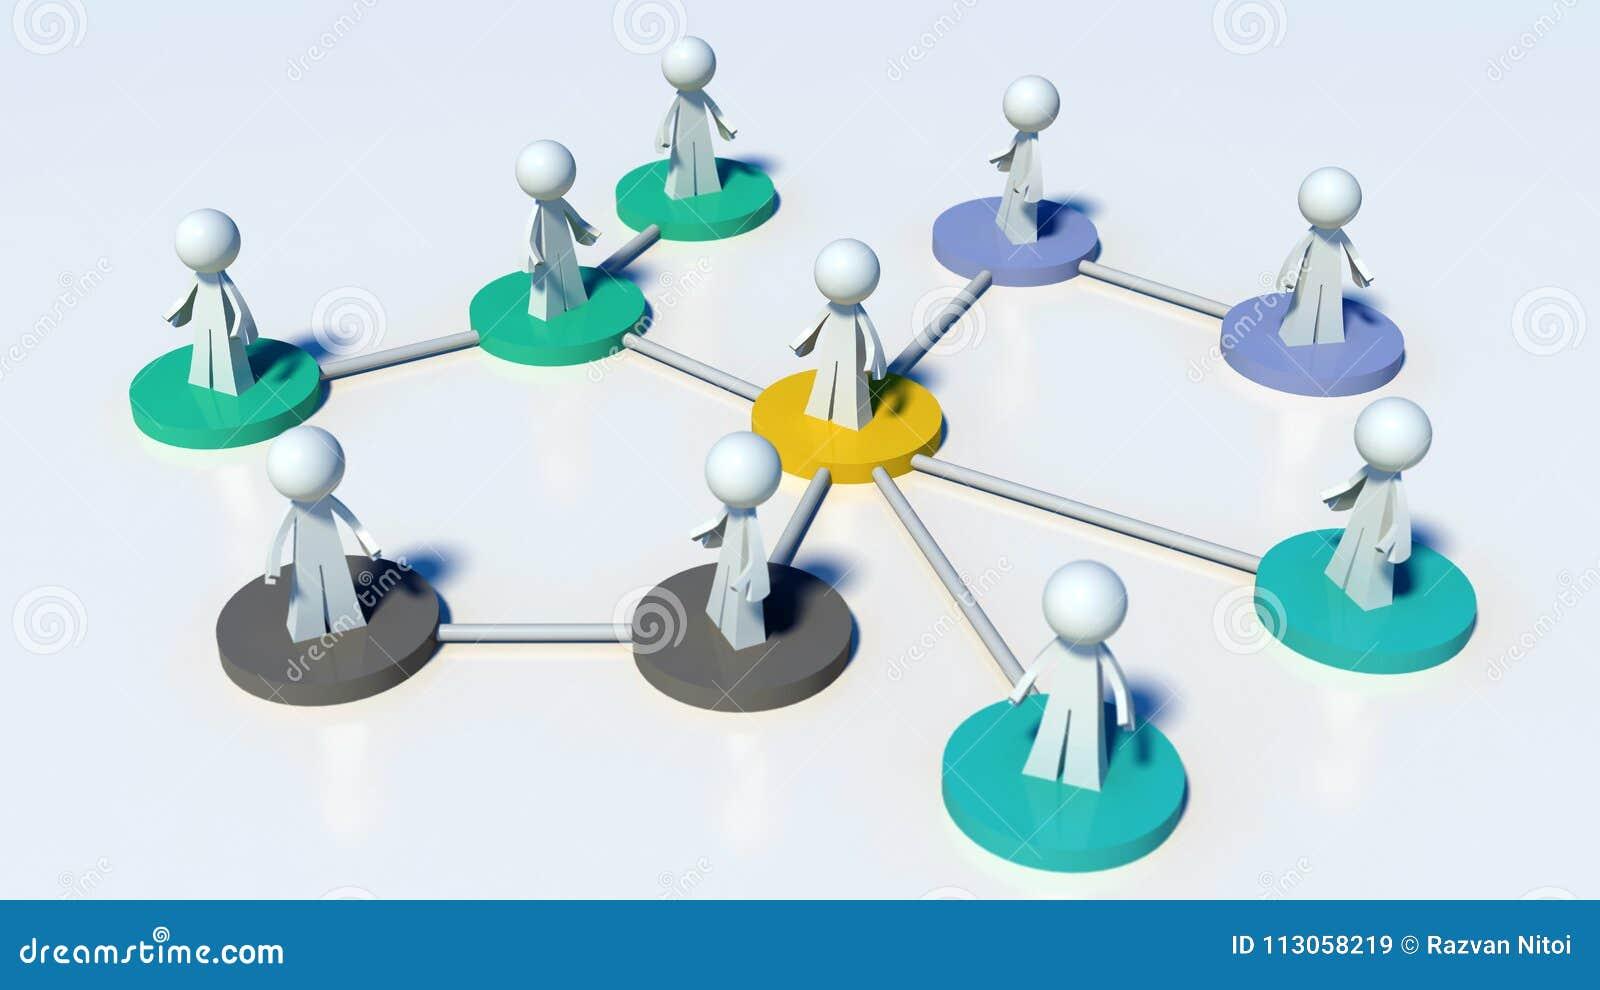 Verbonden netwerk van mensen - mededeling of hiërarchie